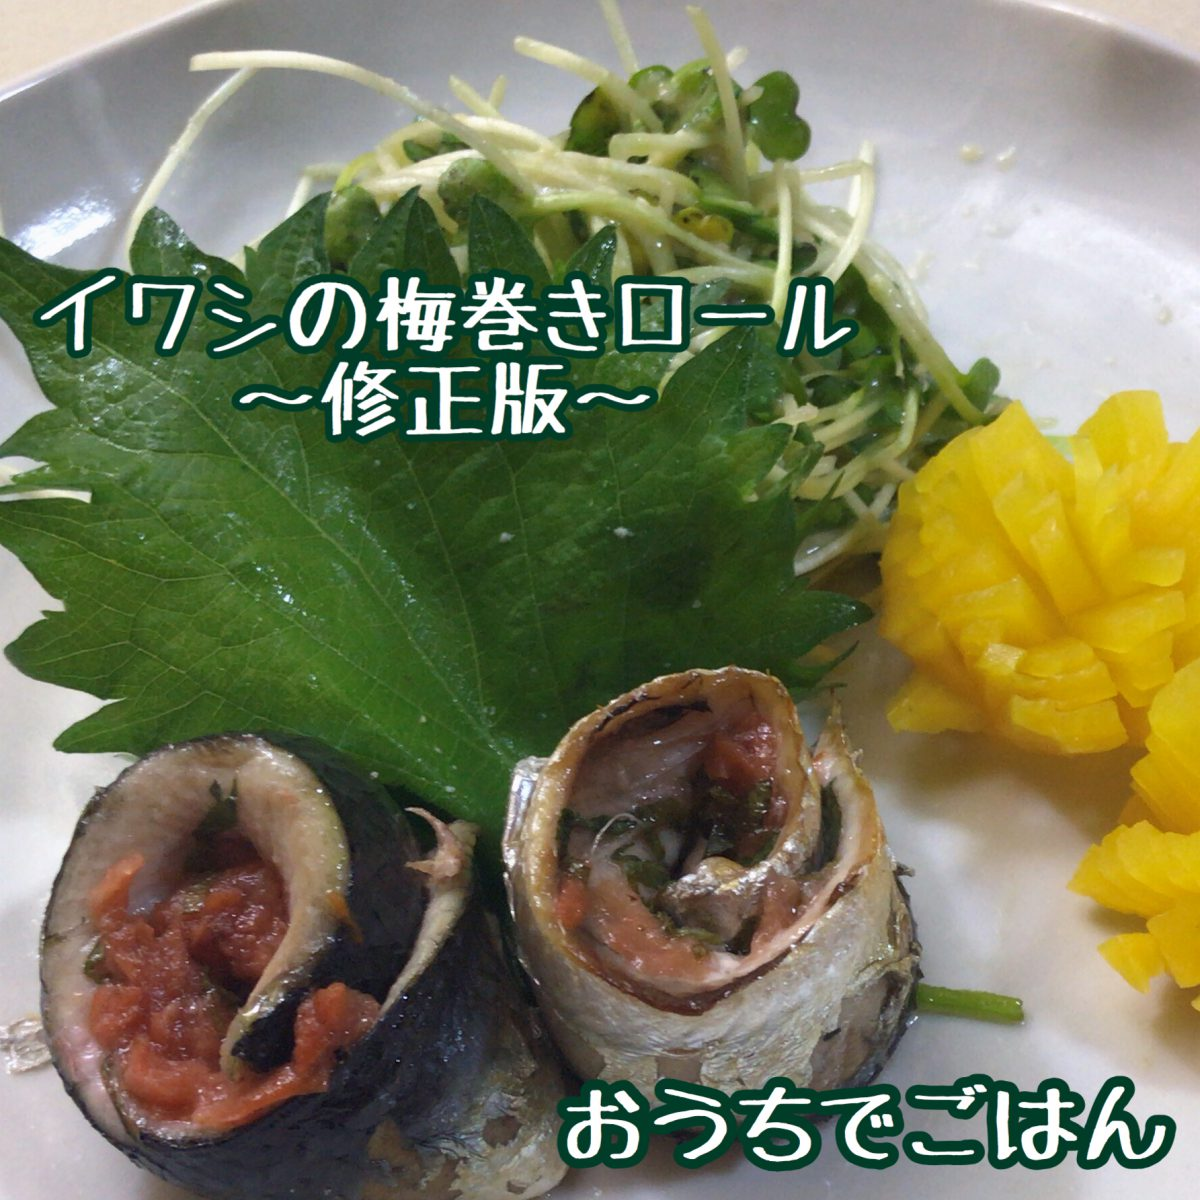 イワシの梅巻きロール〜修正版〜